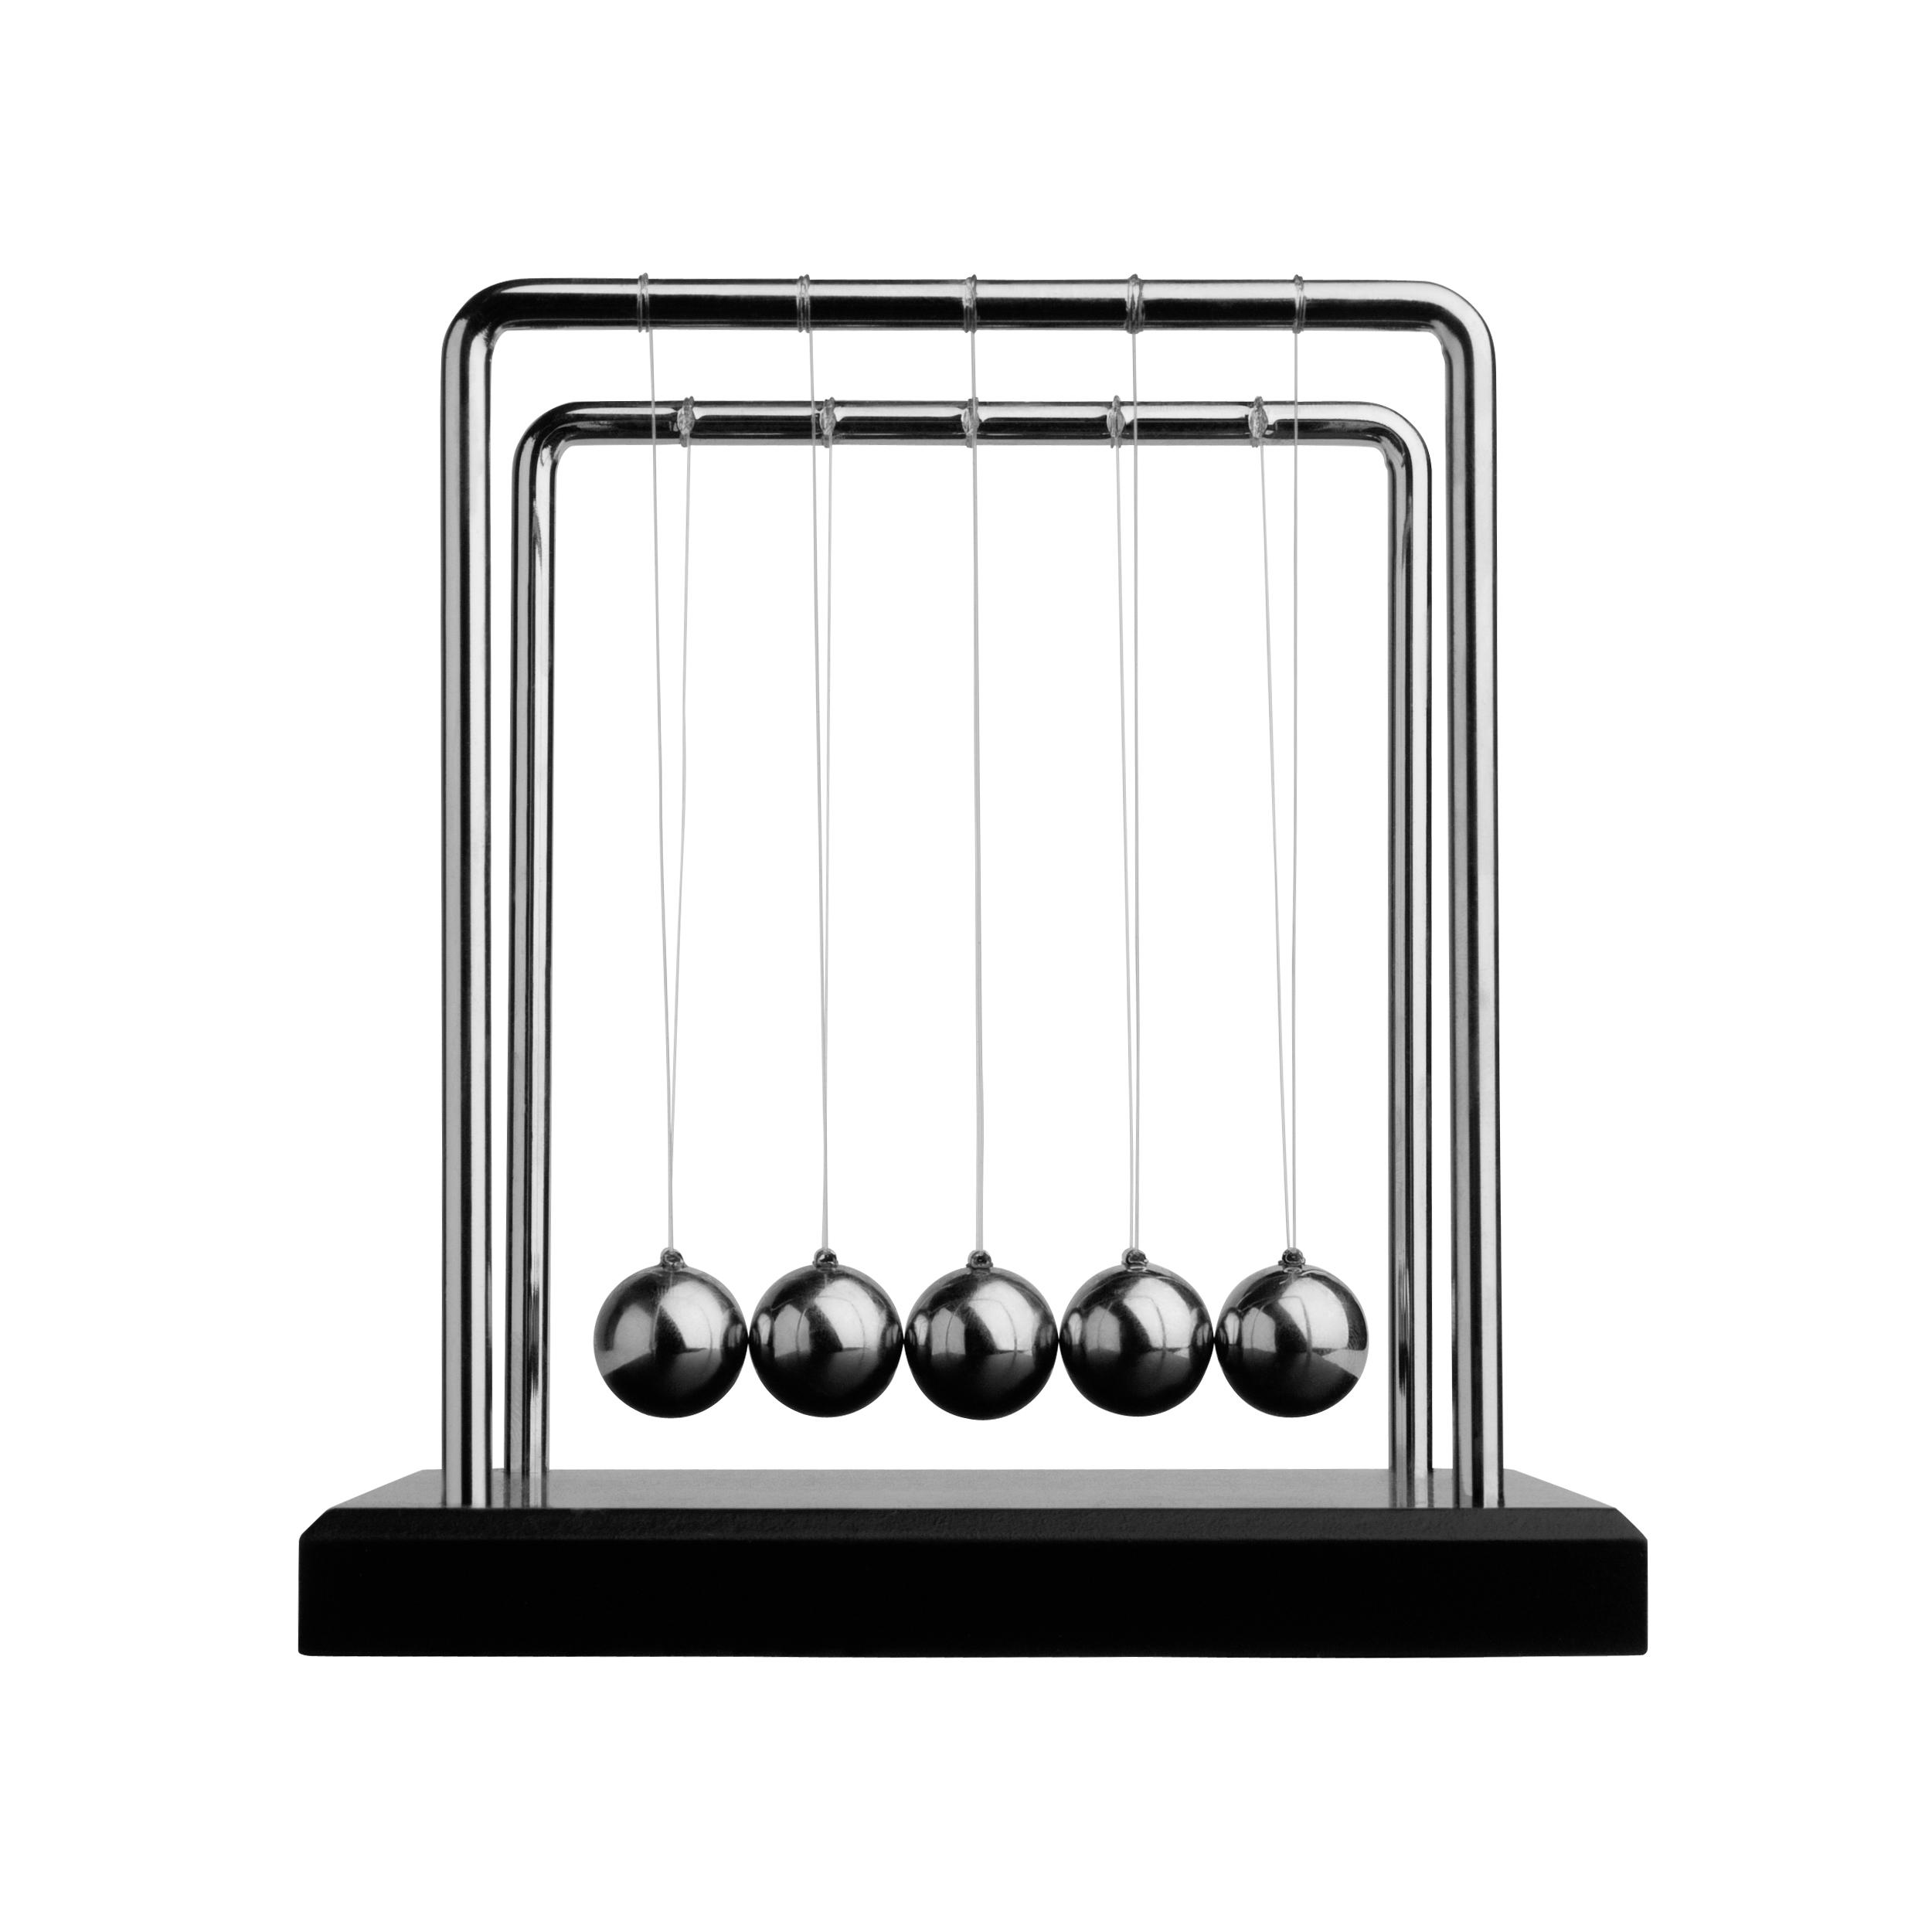 La bille oscillante - 108-1006-3